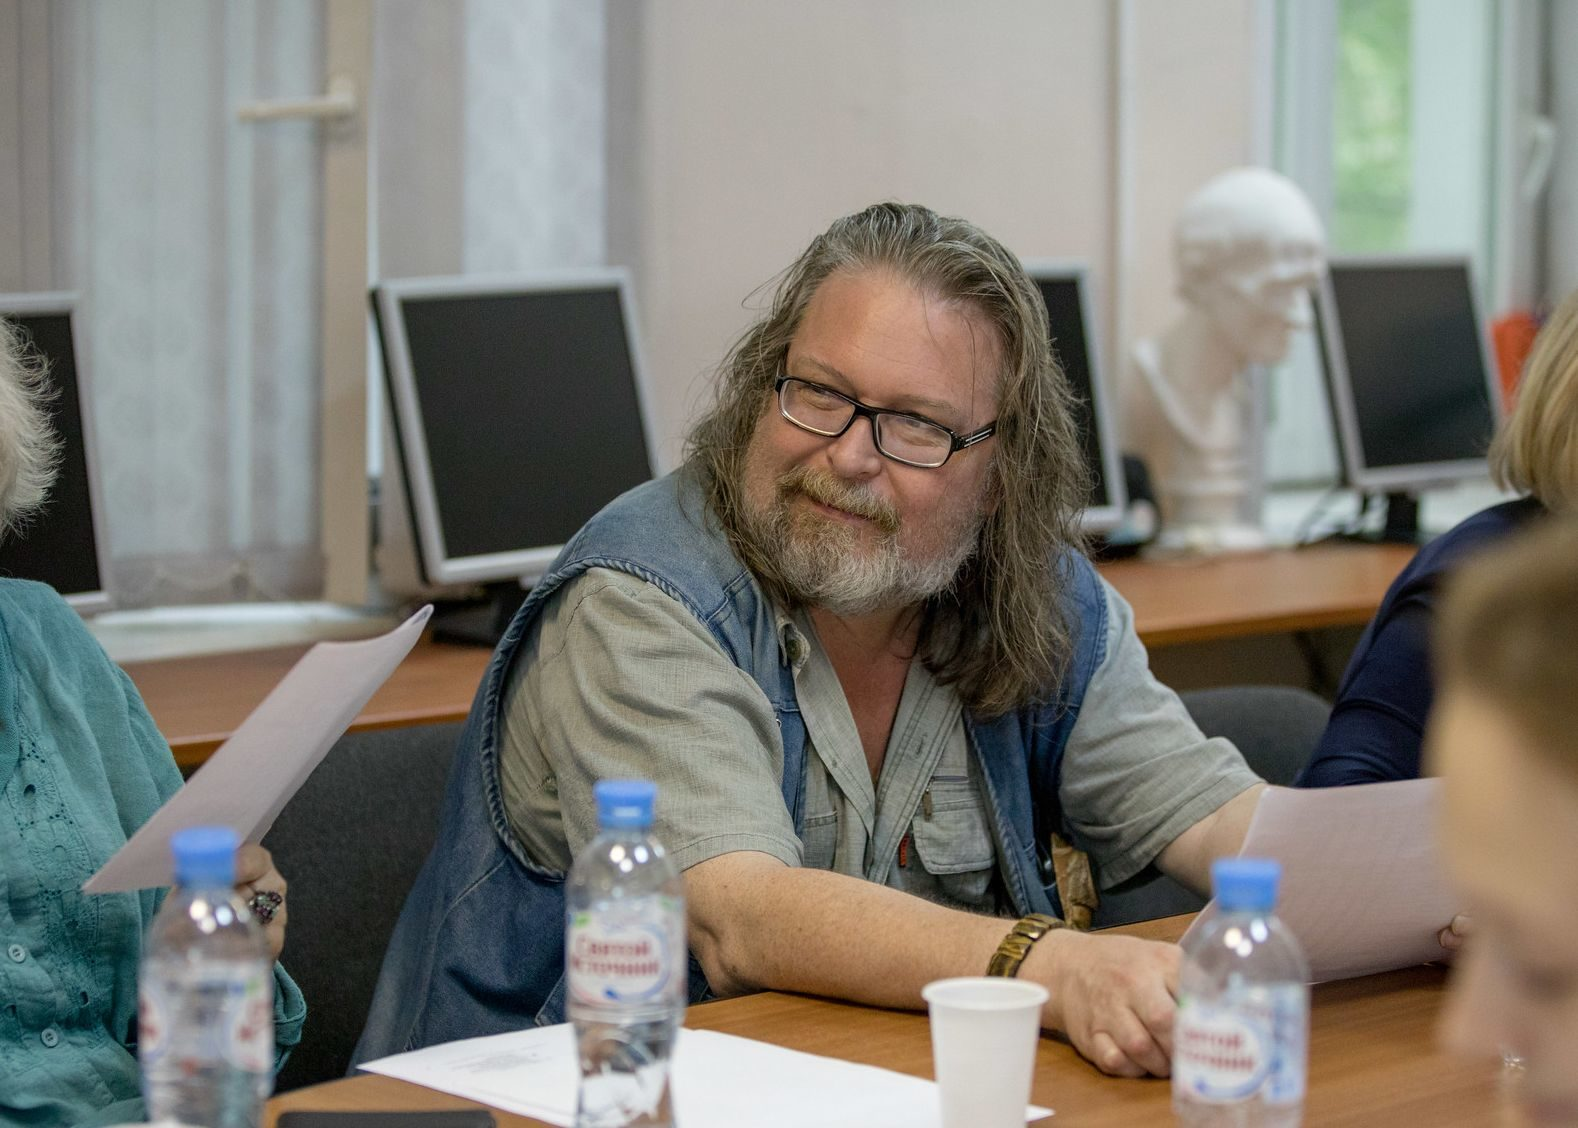 Мастер-класс «Наилучшие слова в наилучшем порядке» – события на сайте «Московские Сезоны»